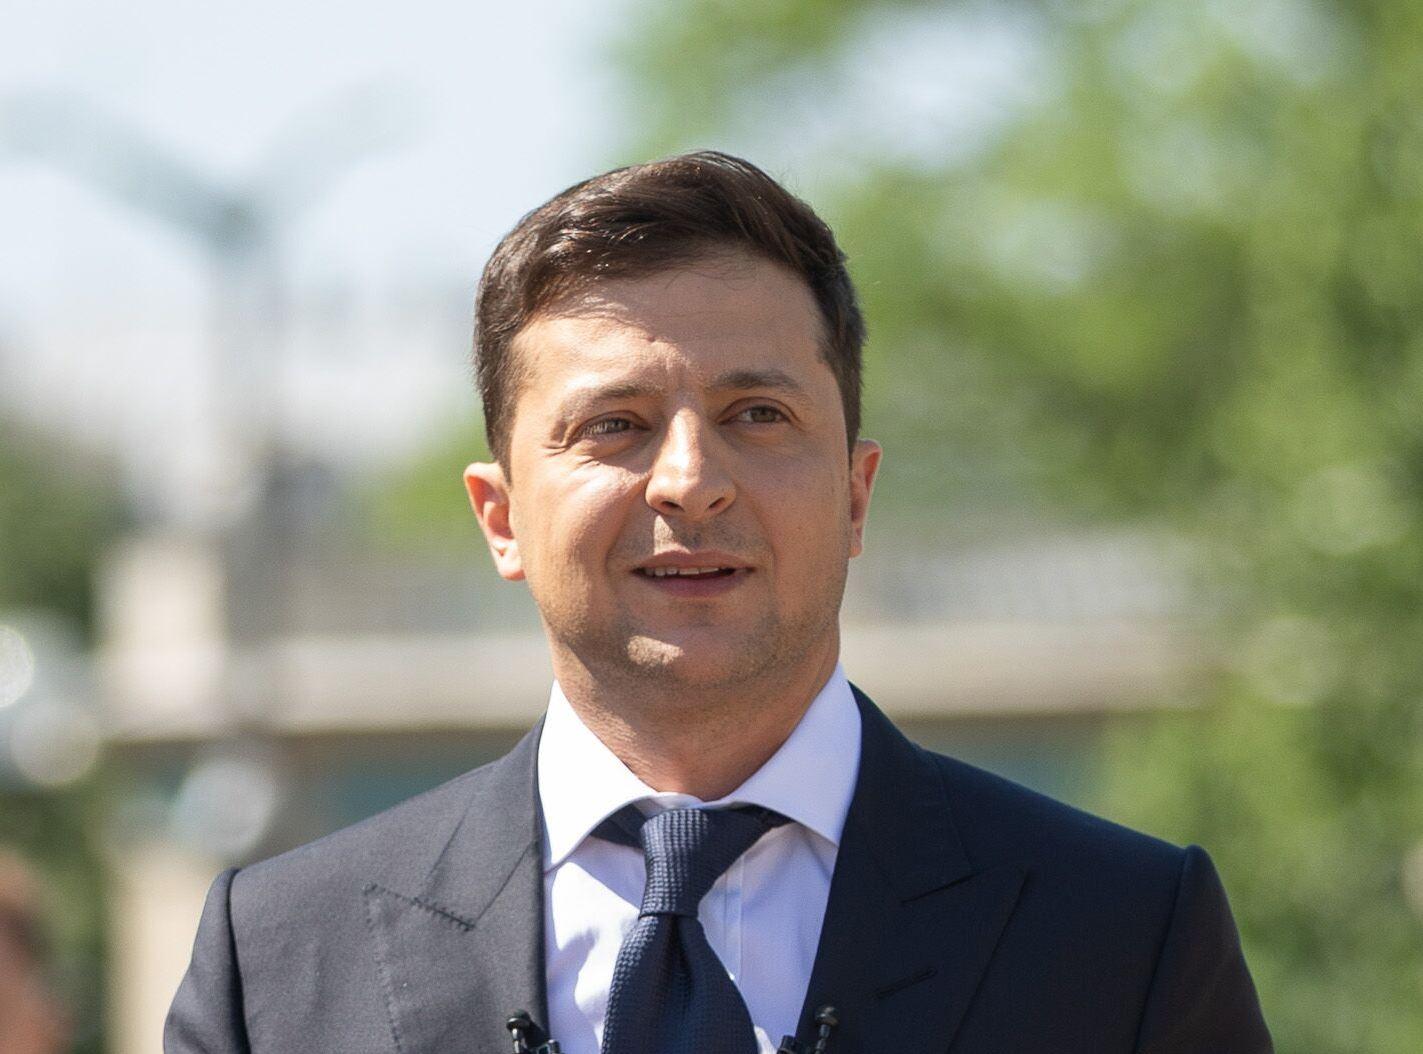 «Я очень доволен нашей работой»: Зеленский представил нового министра иностранных дел